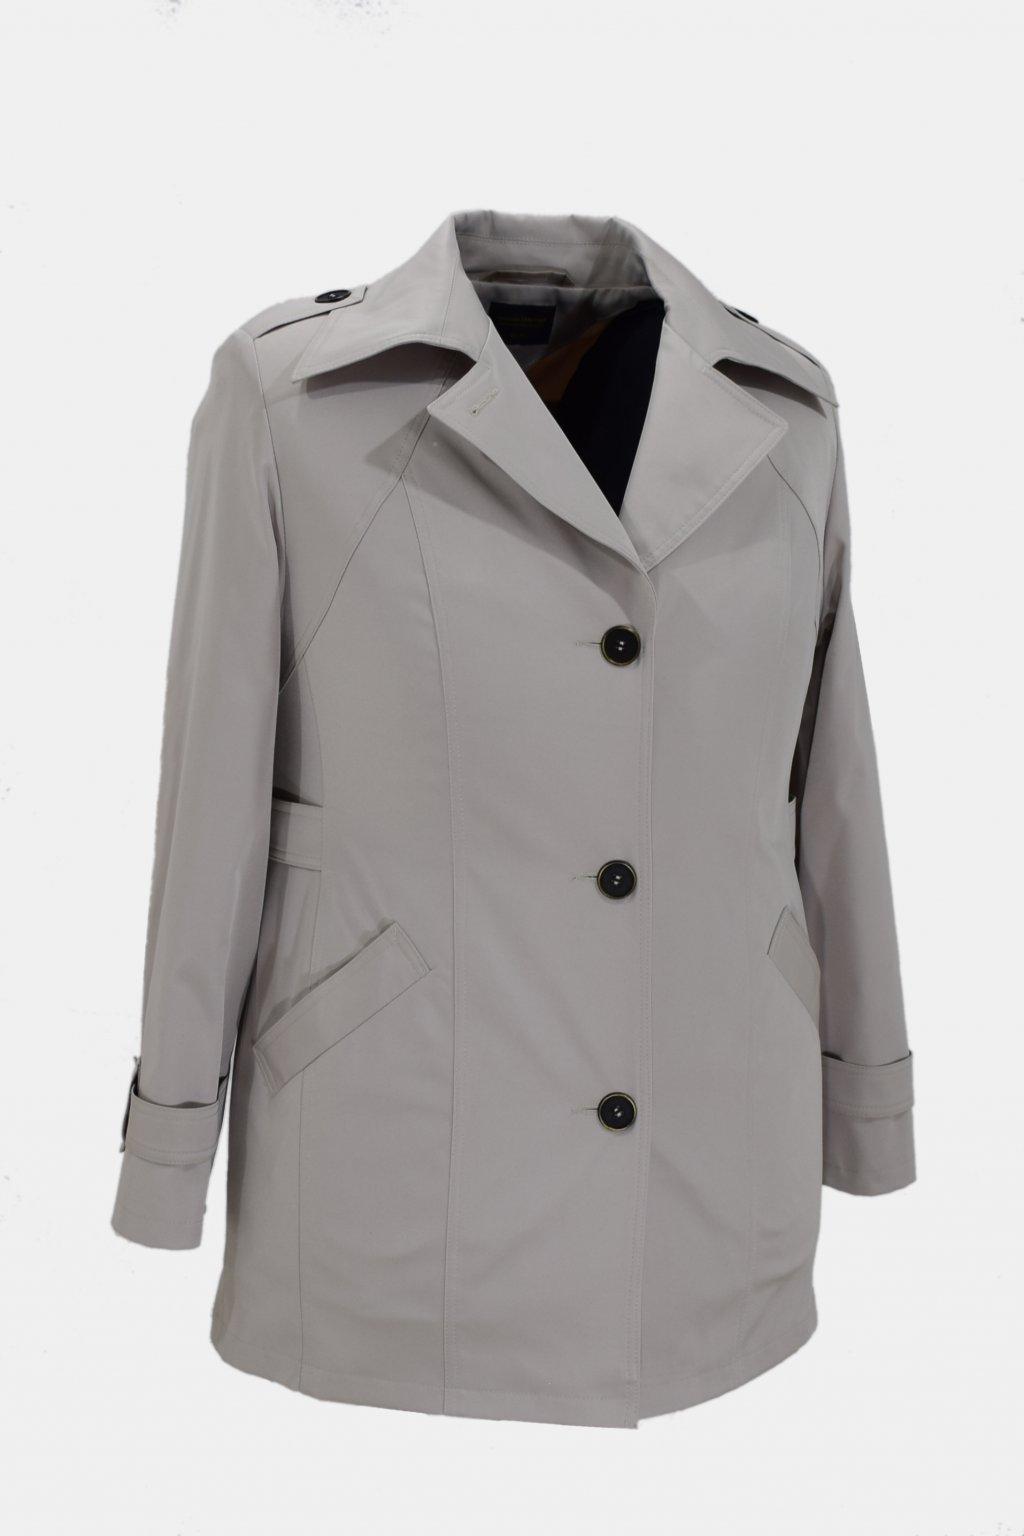 Dámský smetanový jarní kabátek Klára nadměrné velikosti.